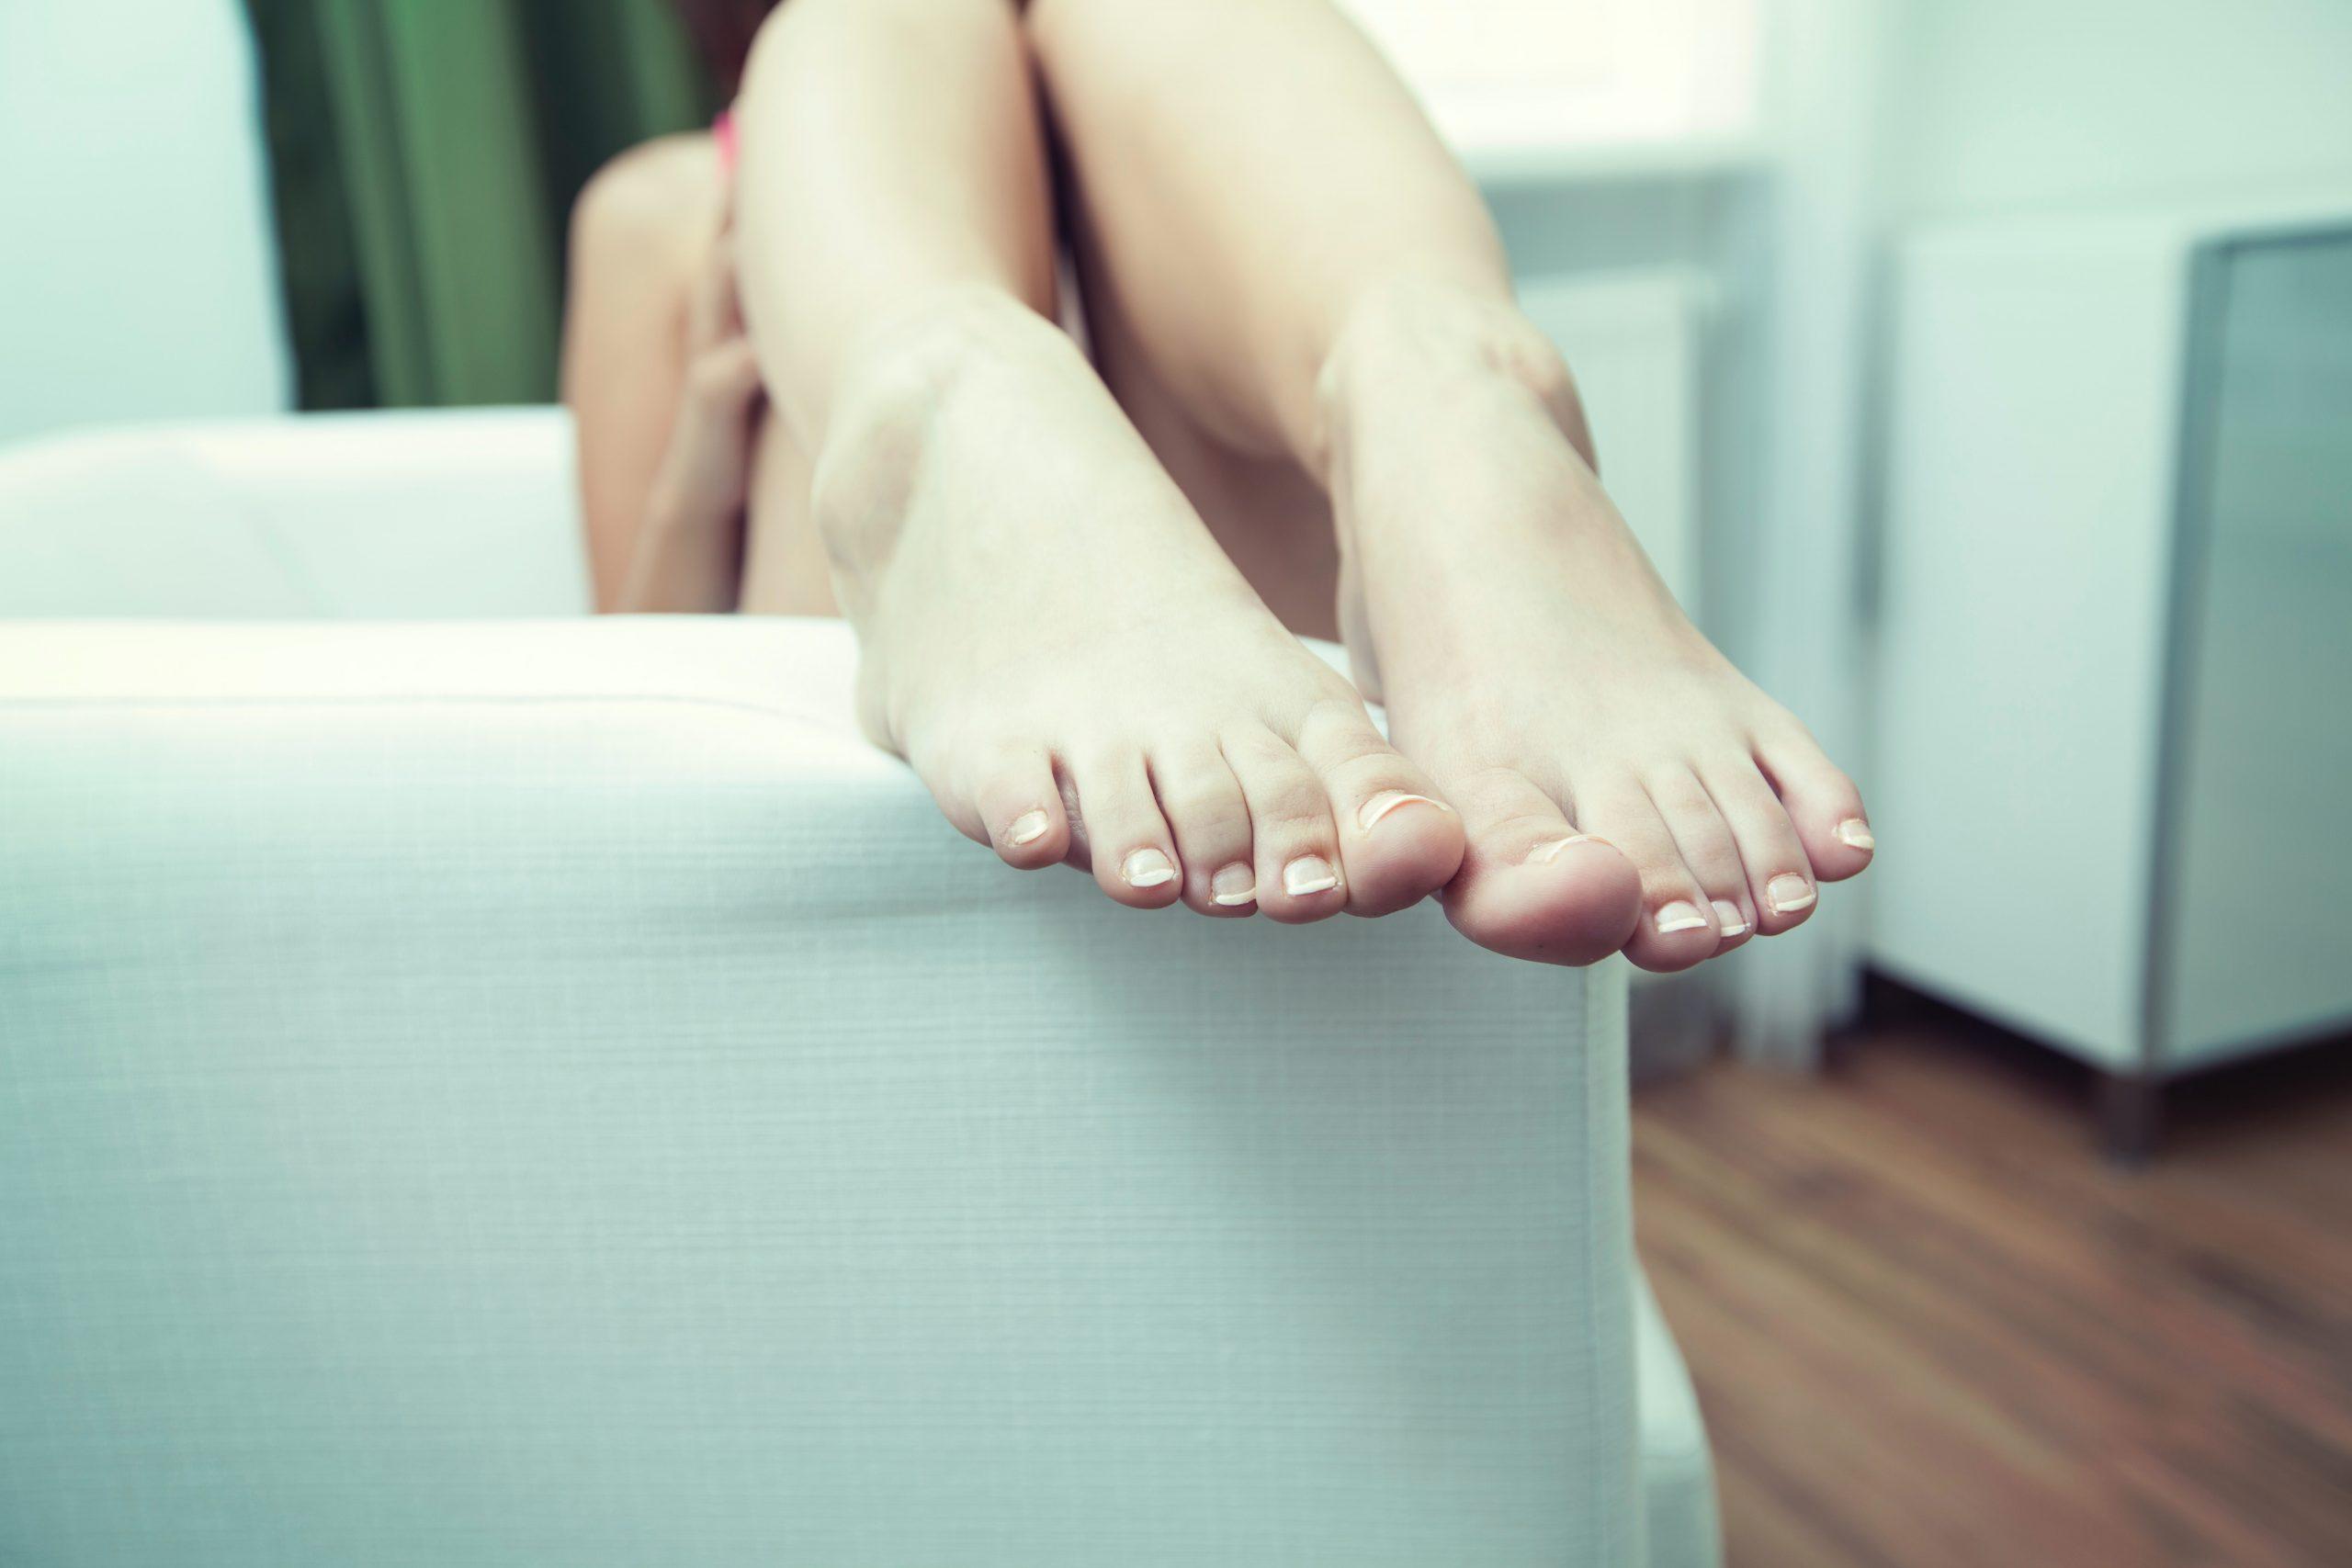 Cắt móng chân